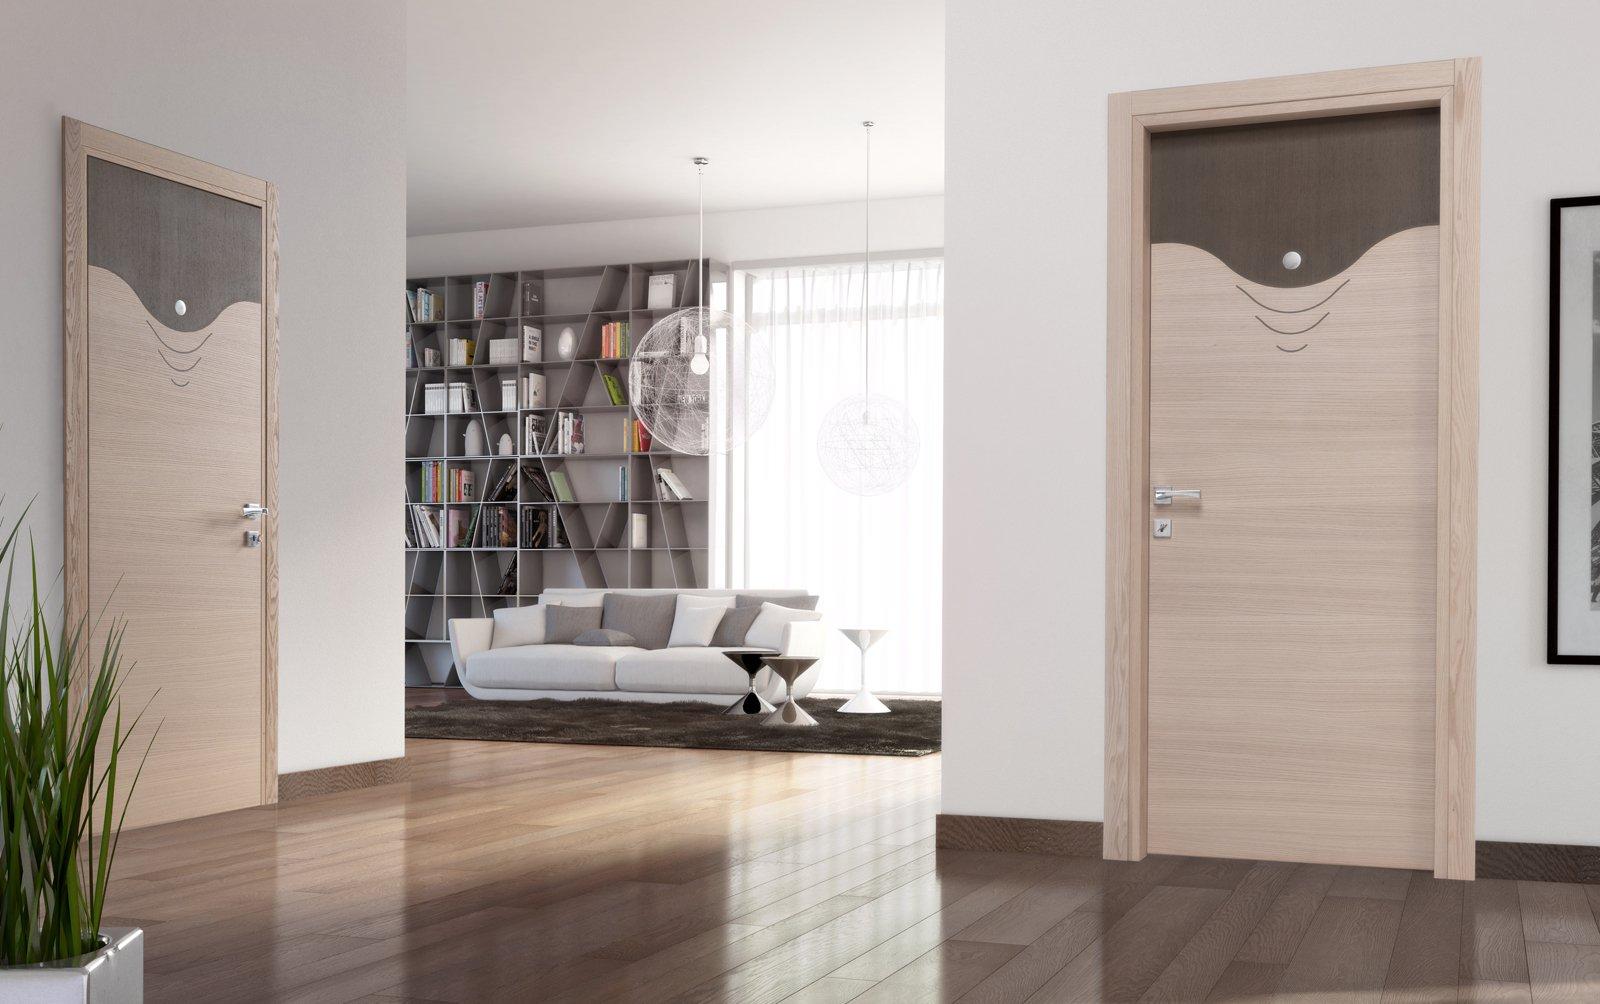 Porte e arredo i consigli su come abbinare stili e - Colori mobili legno ...